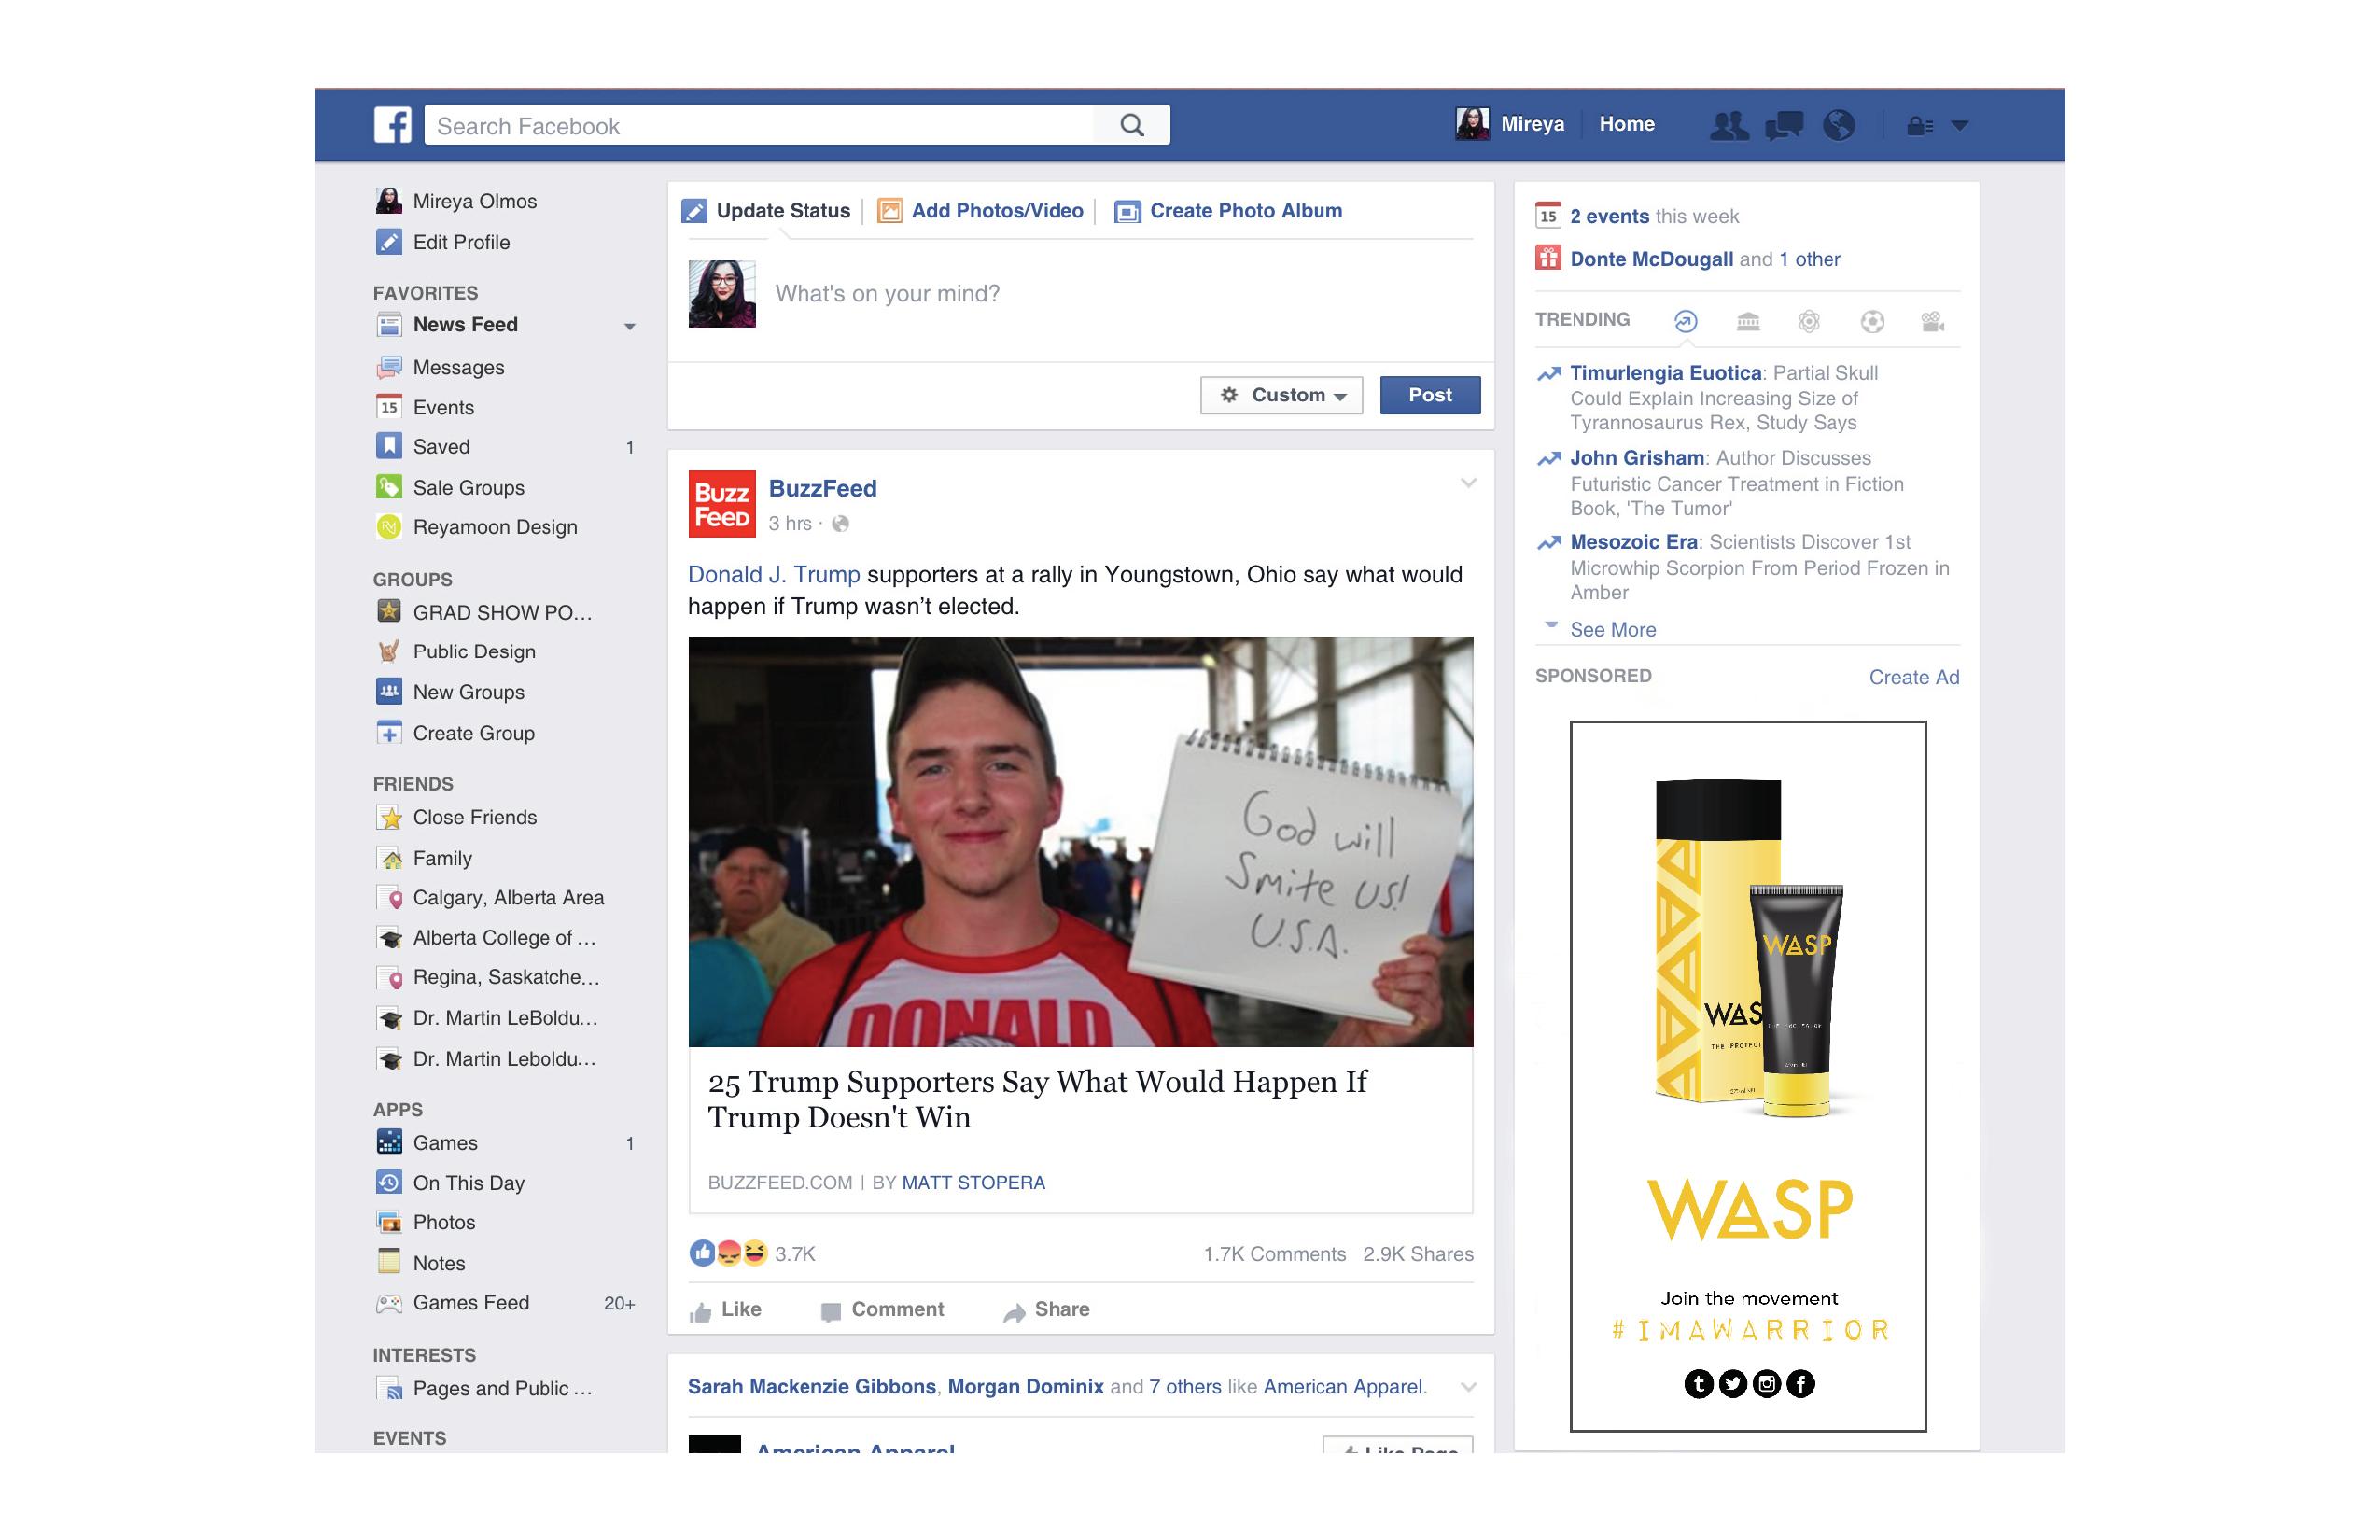 WASP Facebook Ad